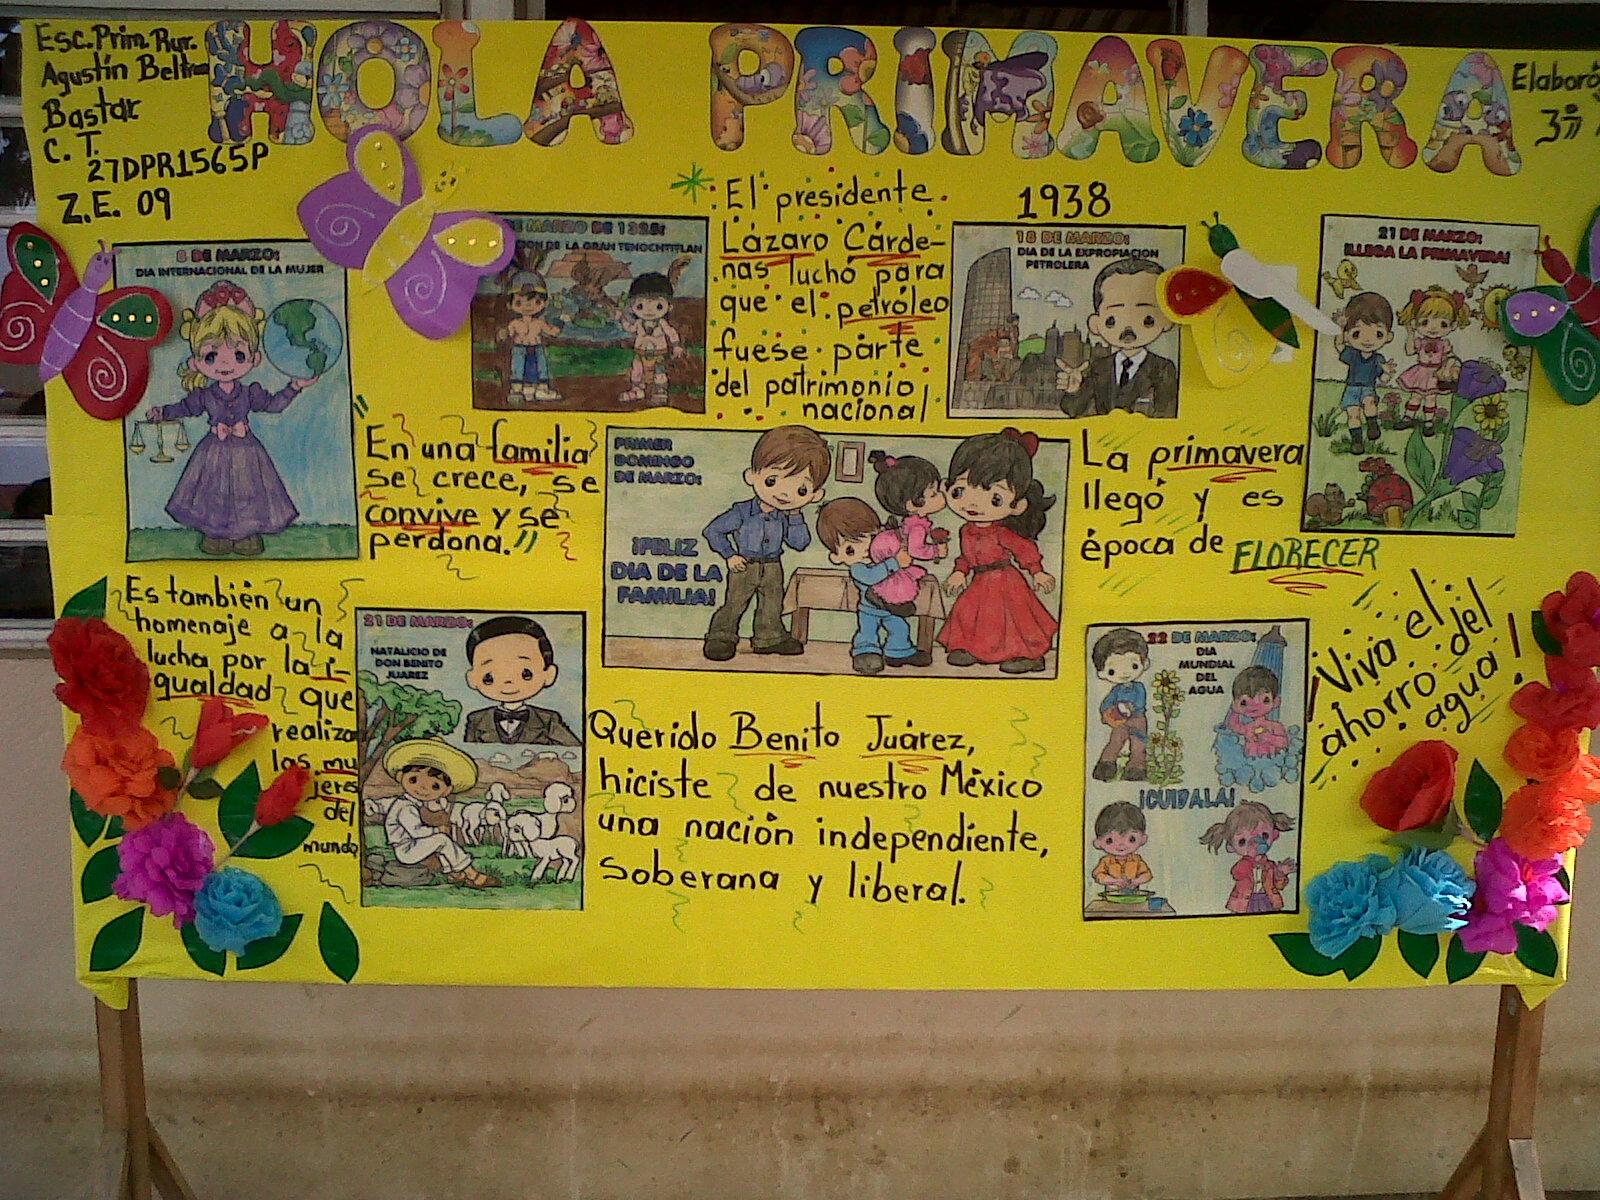 Periodico Mural Mes De Abril 11 Imagenes Educativas